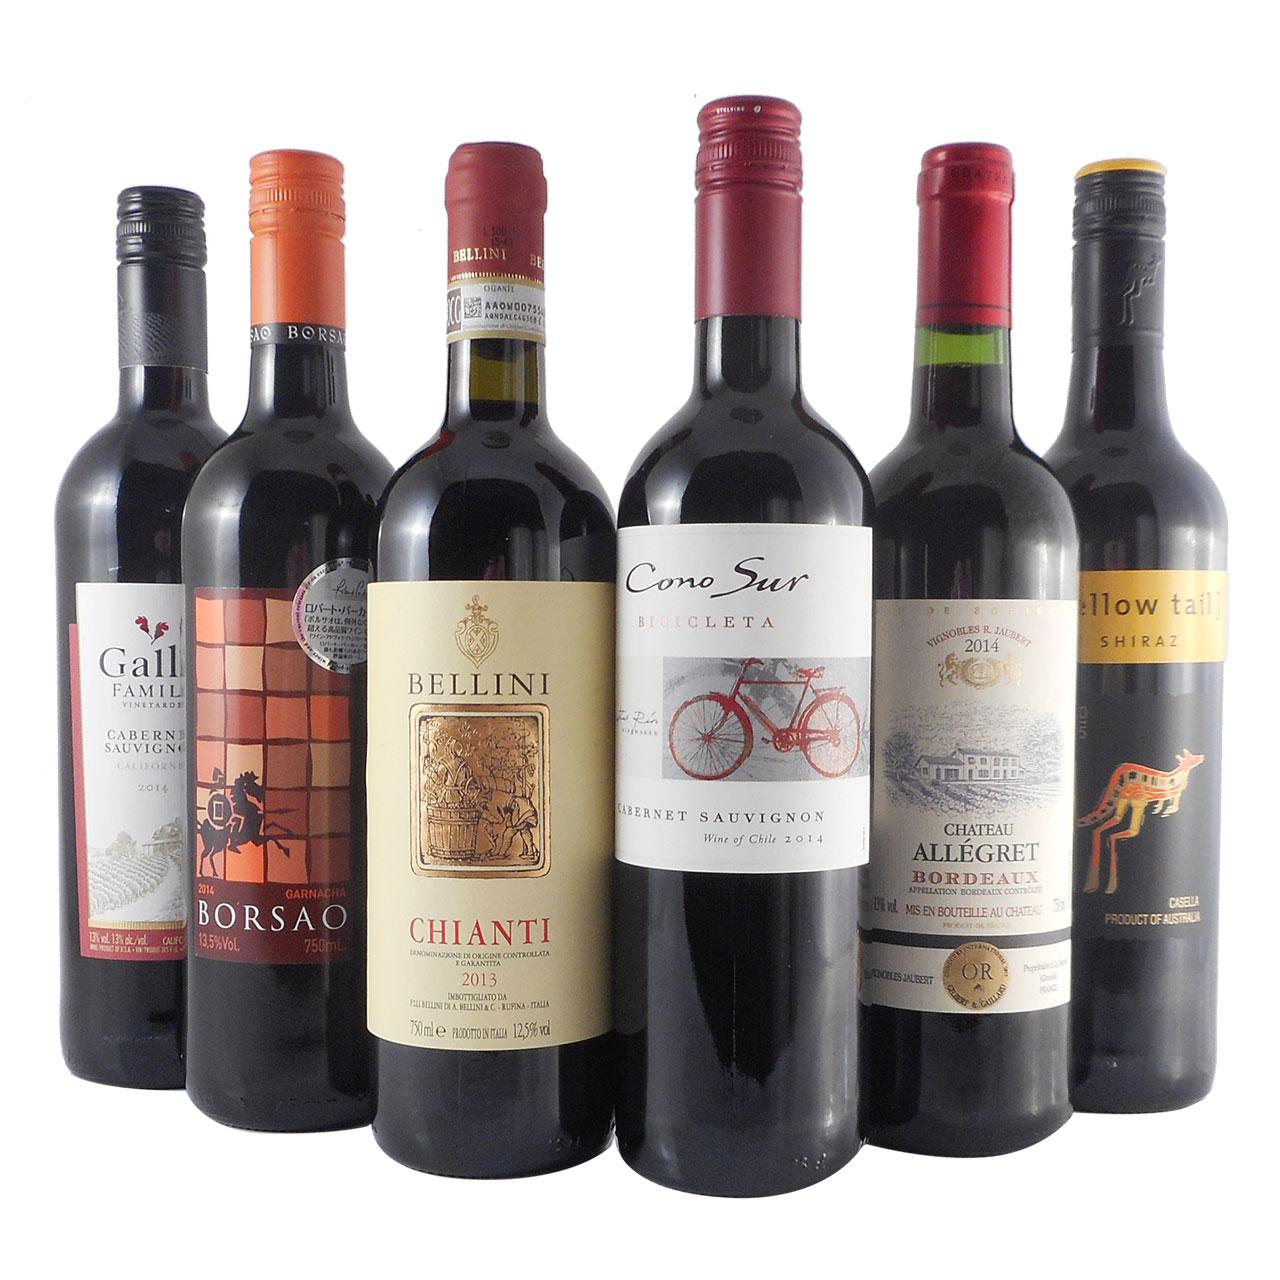 お中元 ギフト ワインセット 世界の赤ワイン 美味しいセレクション 6本 赤ワイン ワイン フランス イタリア スペイン アメリカ チリ オーストラリア 送料無料 コンビニ受取対応商品